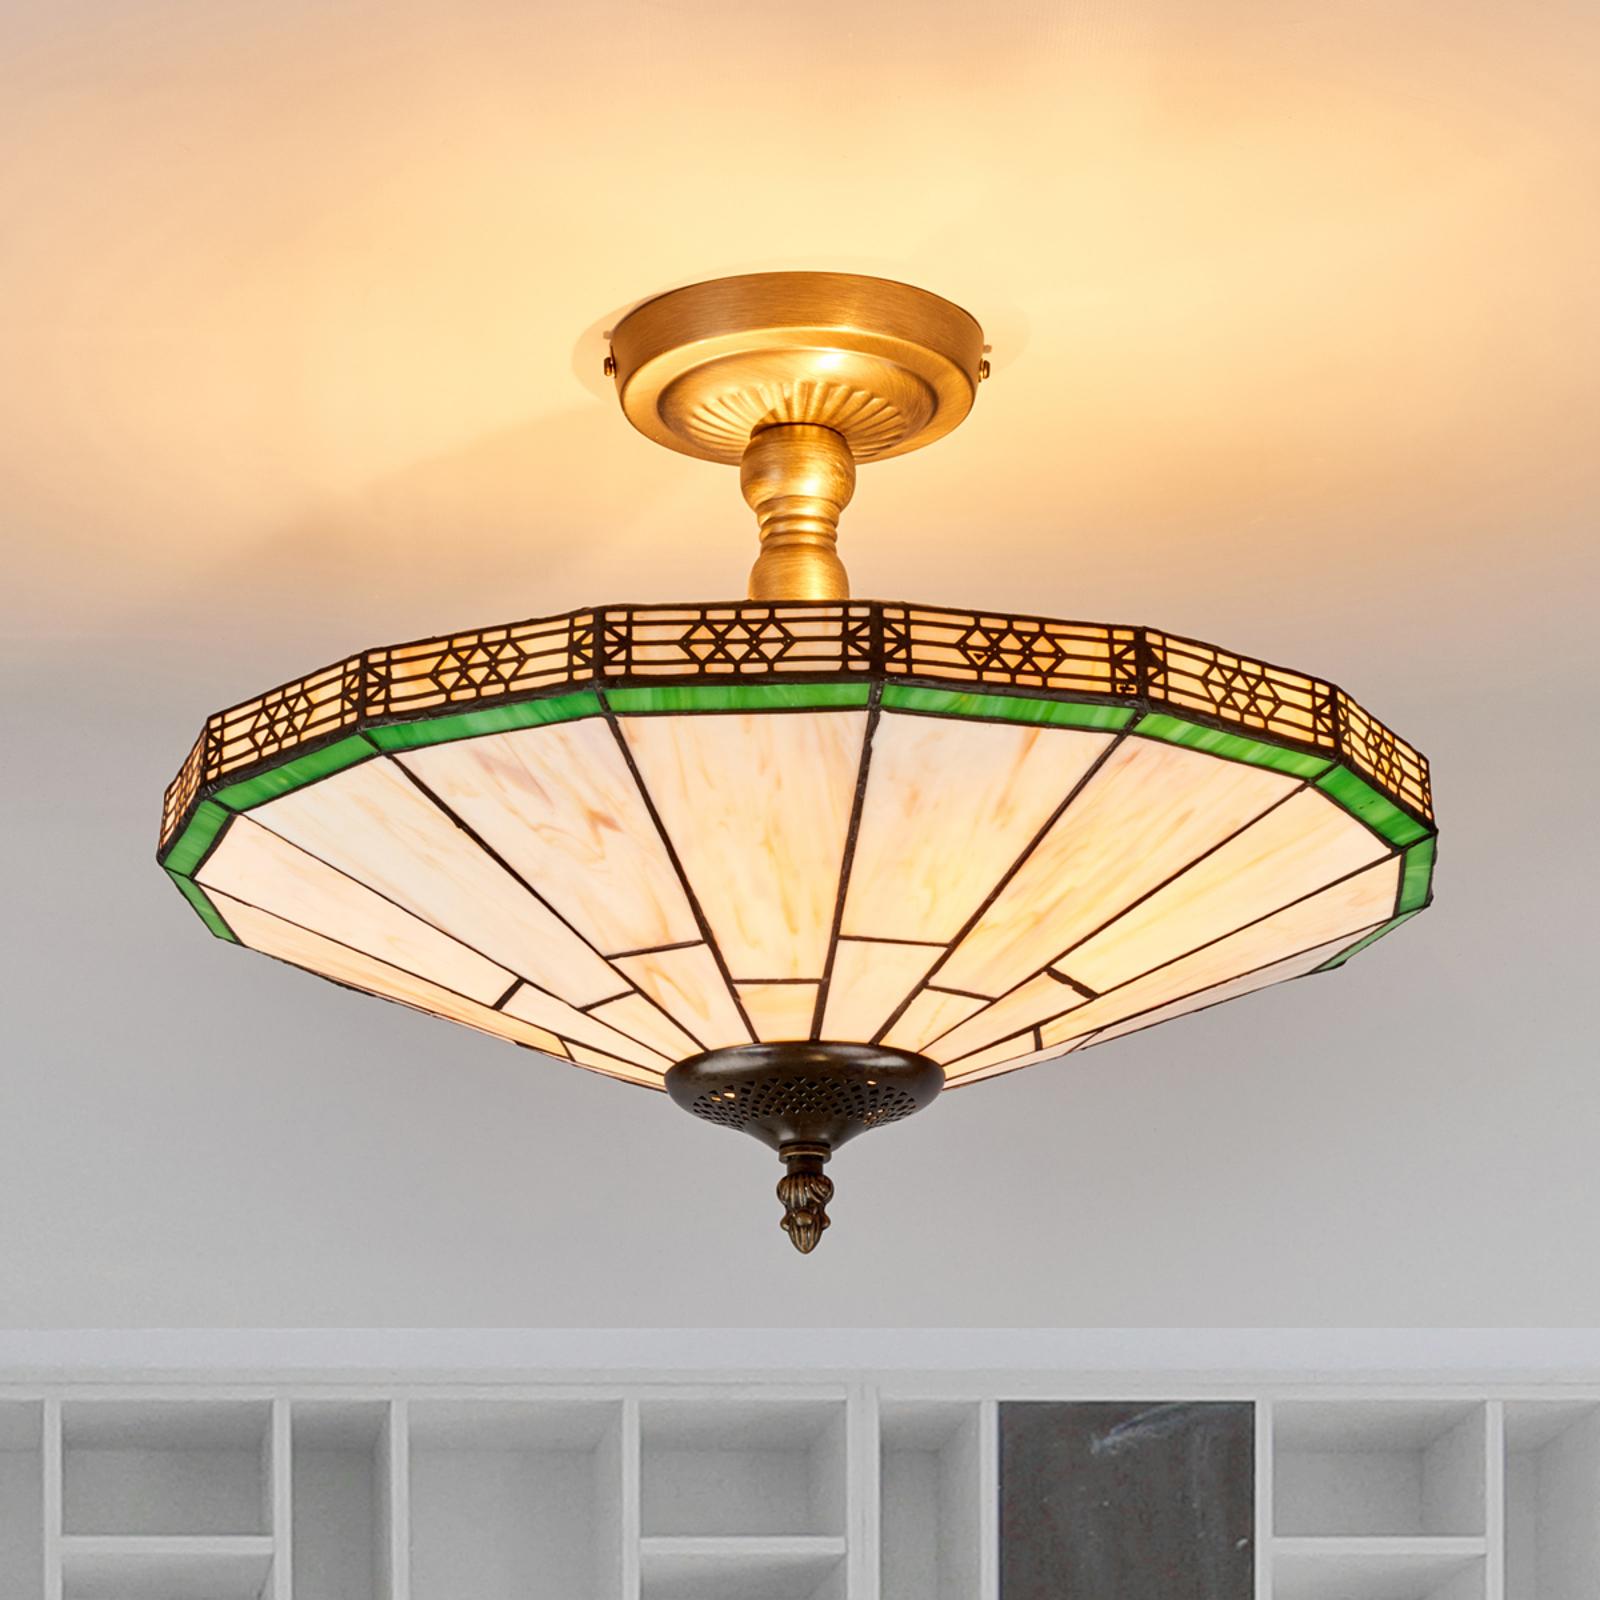 New York - klassisk loftlampe, Tiffany-stil